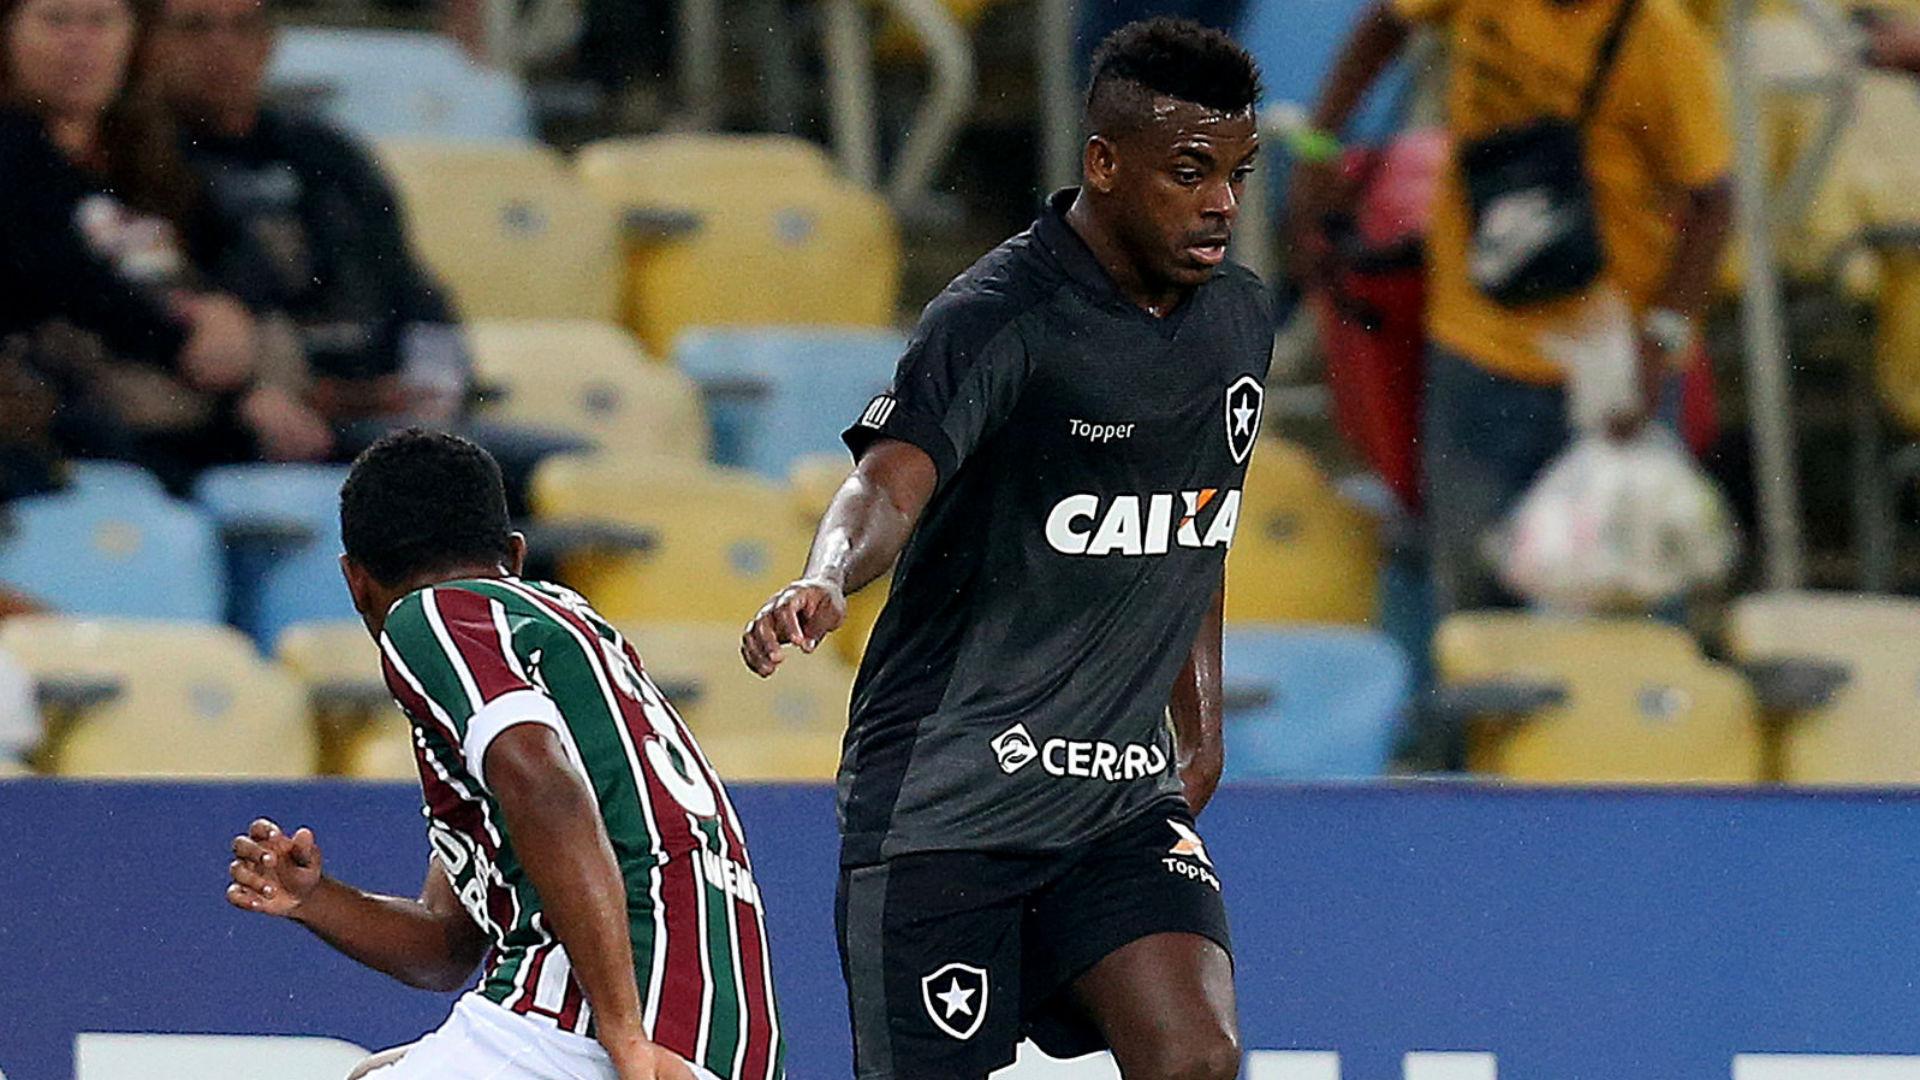 Marcos Vinícius Botafogo Fluminense Brasileirão 13 07 2017